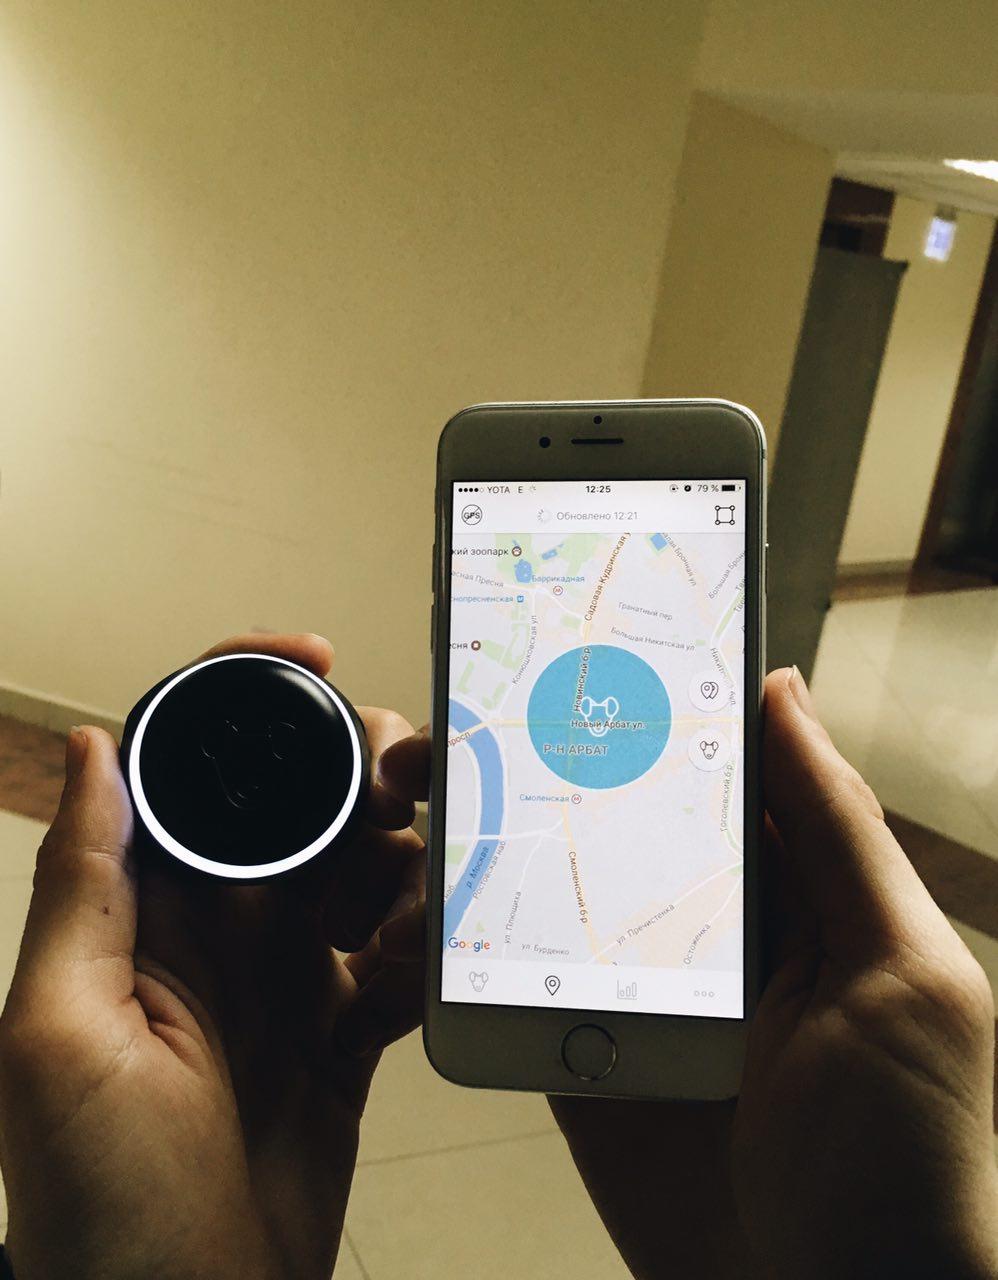 Тестируем на животных: как работает GPS-трекер для собак Mishiko в Москве? - 2